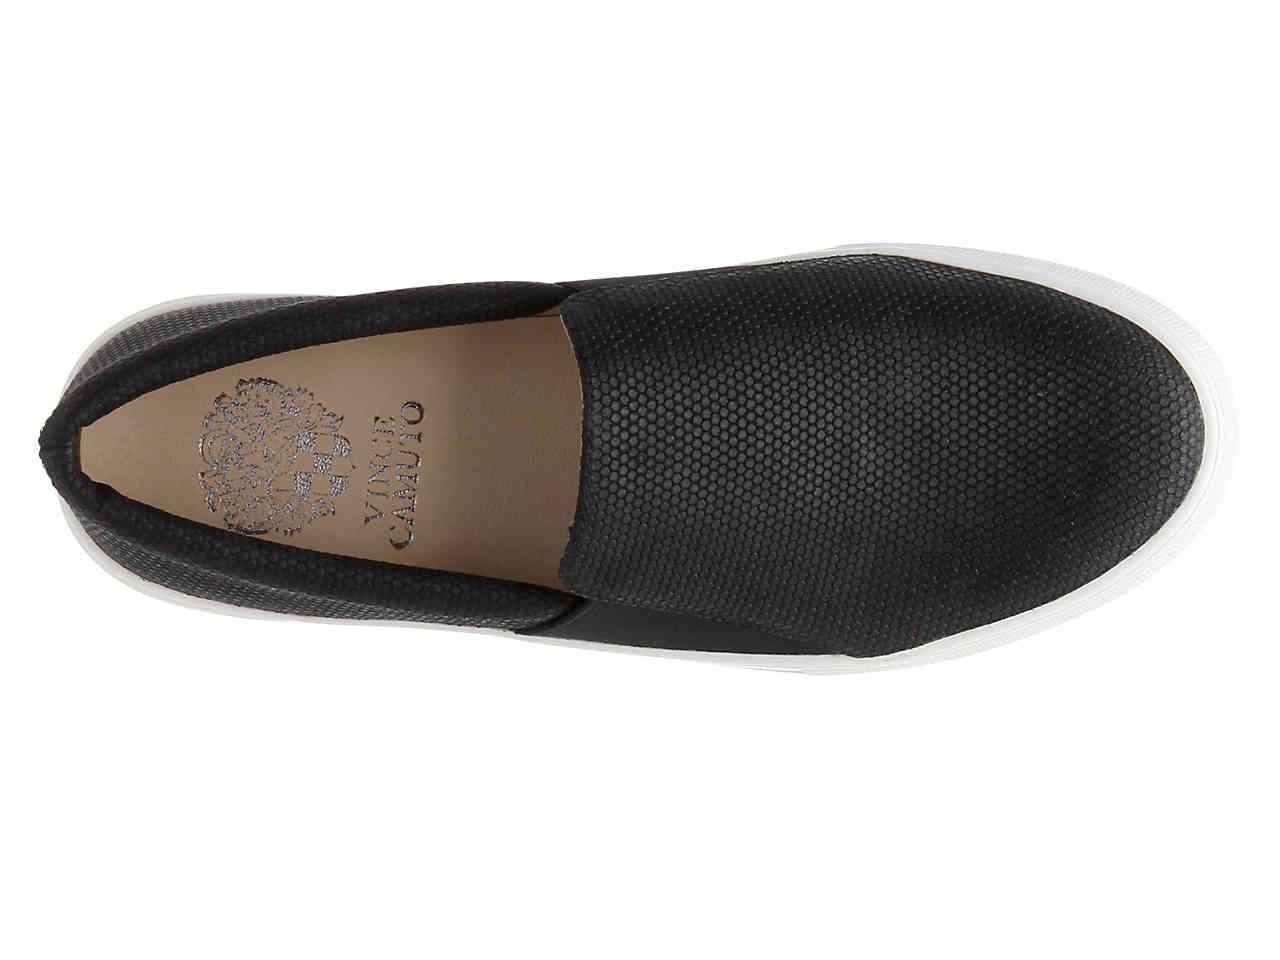 Vince Camuto Leather Kanesya Platform